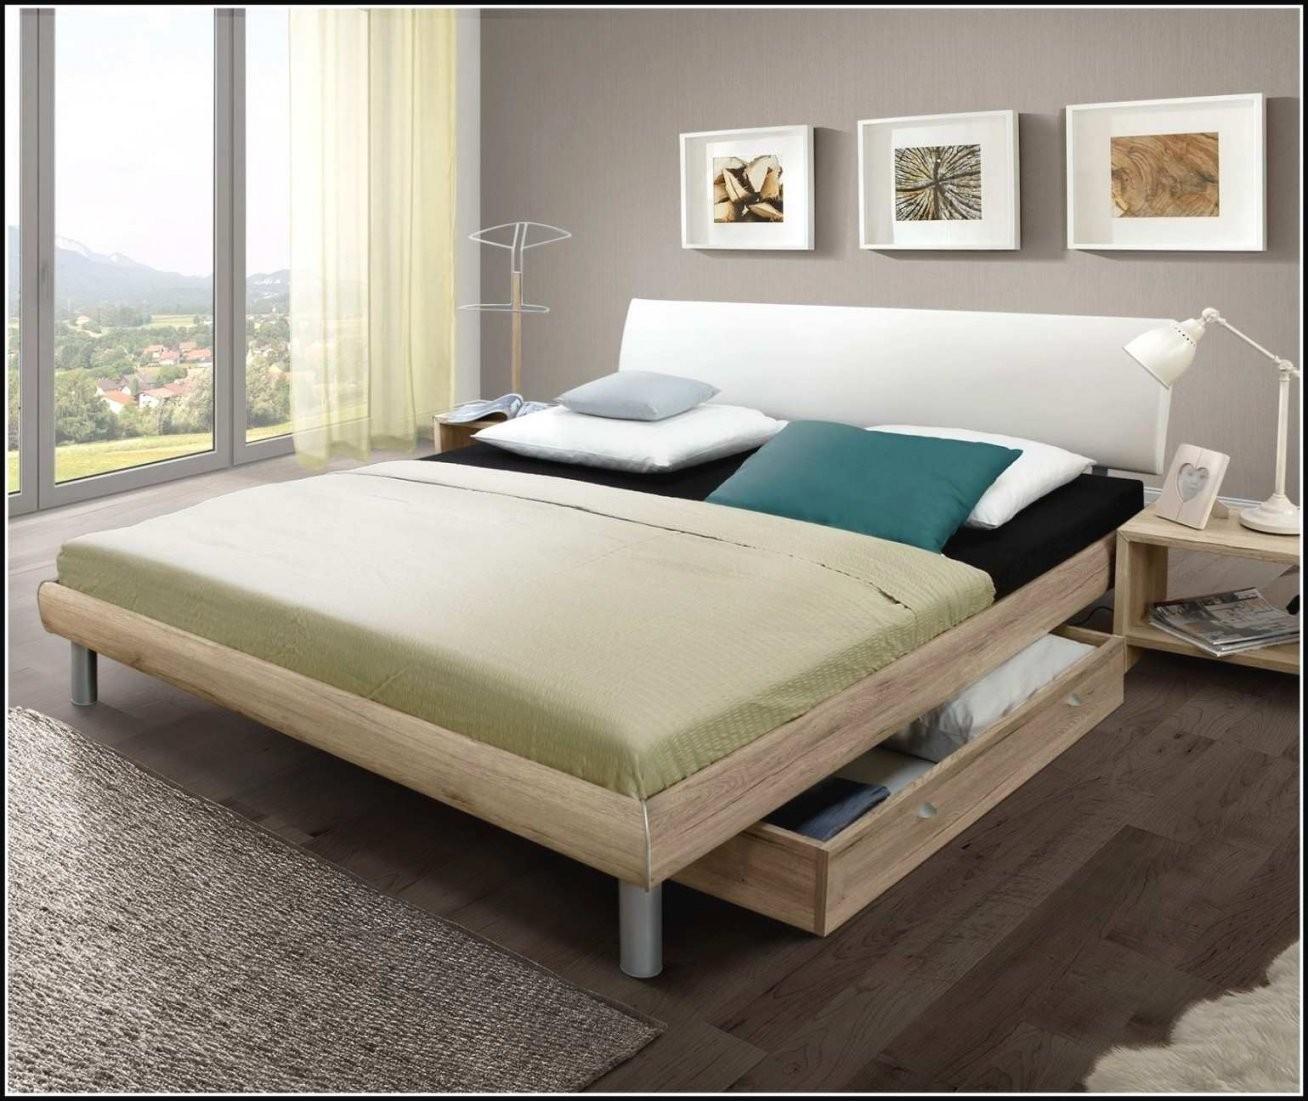 Bett Mit Matratze Und Lattenrost 160×200 Machen Sie Das Beste Aus von Bett Mit Matratze Und Lattenrost 160X200 Photo